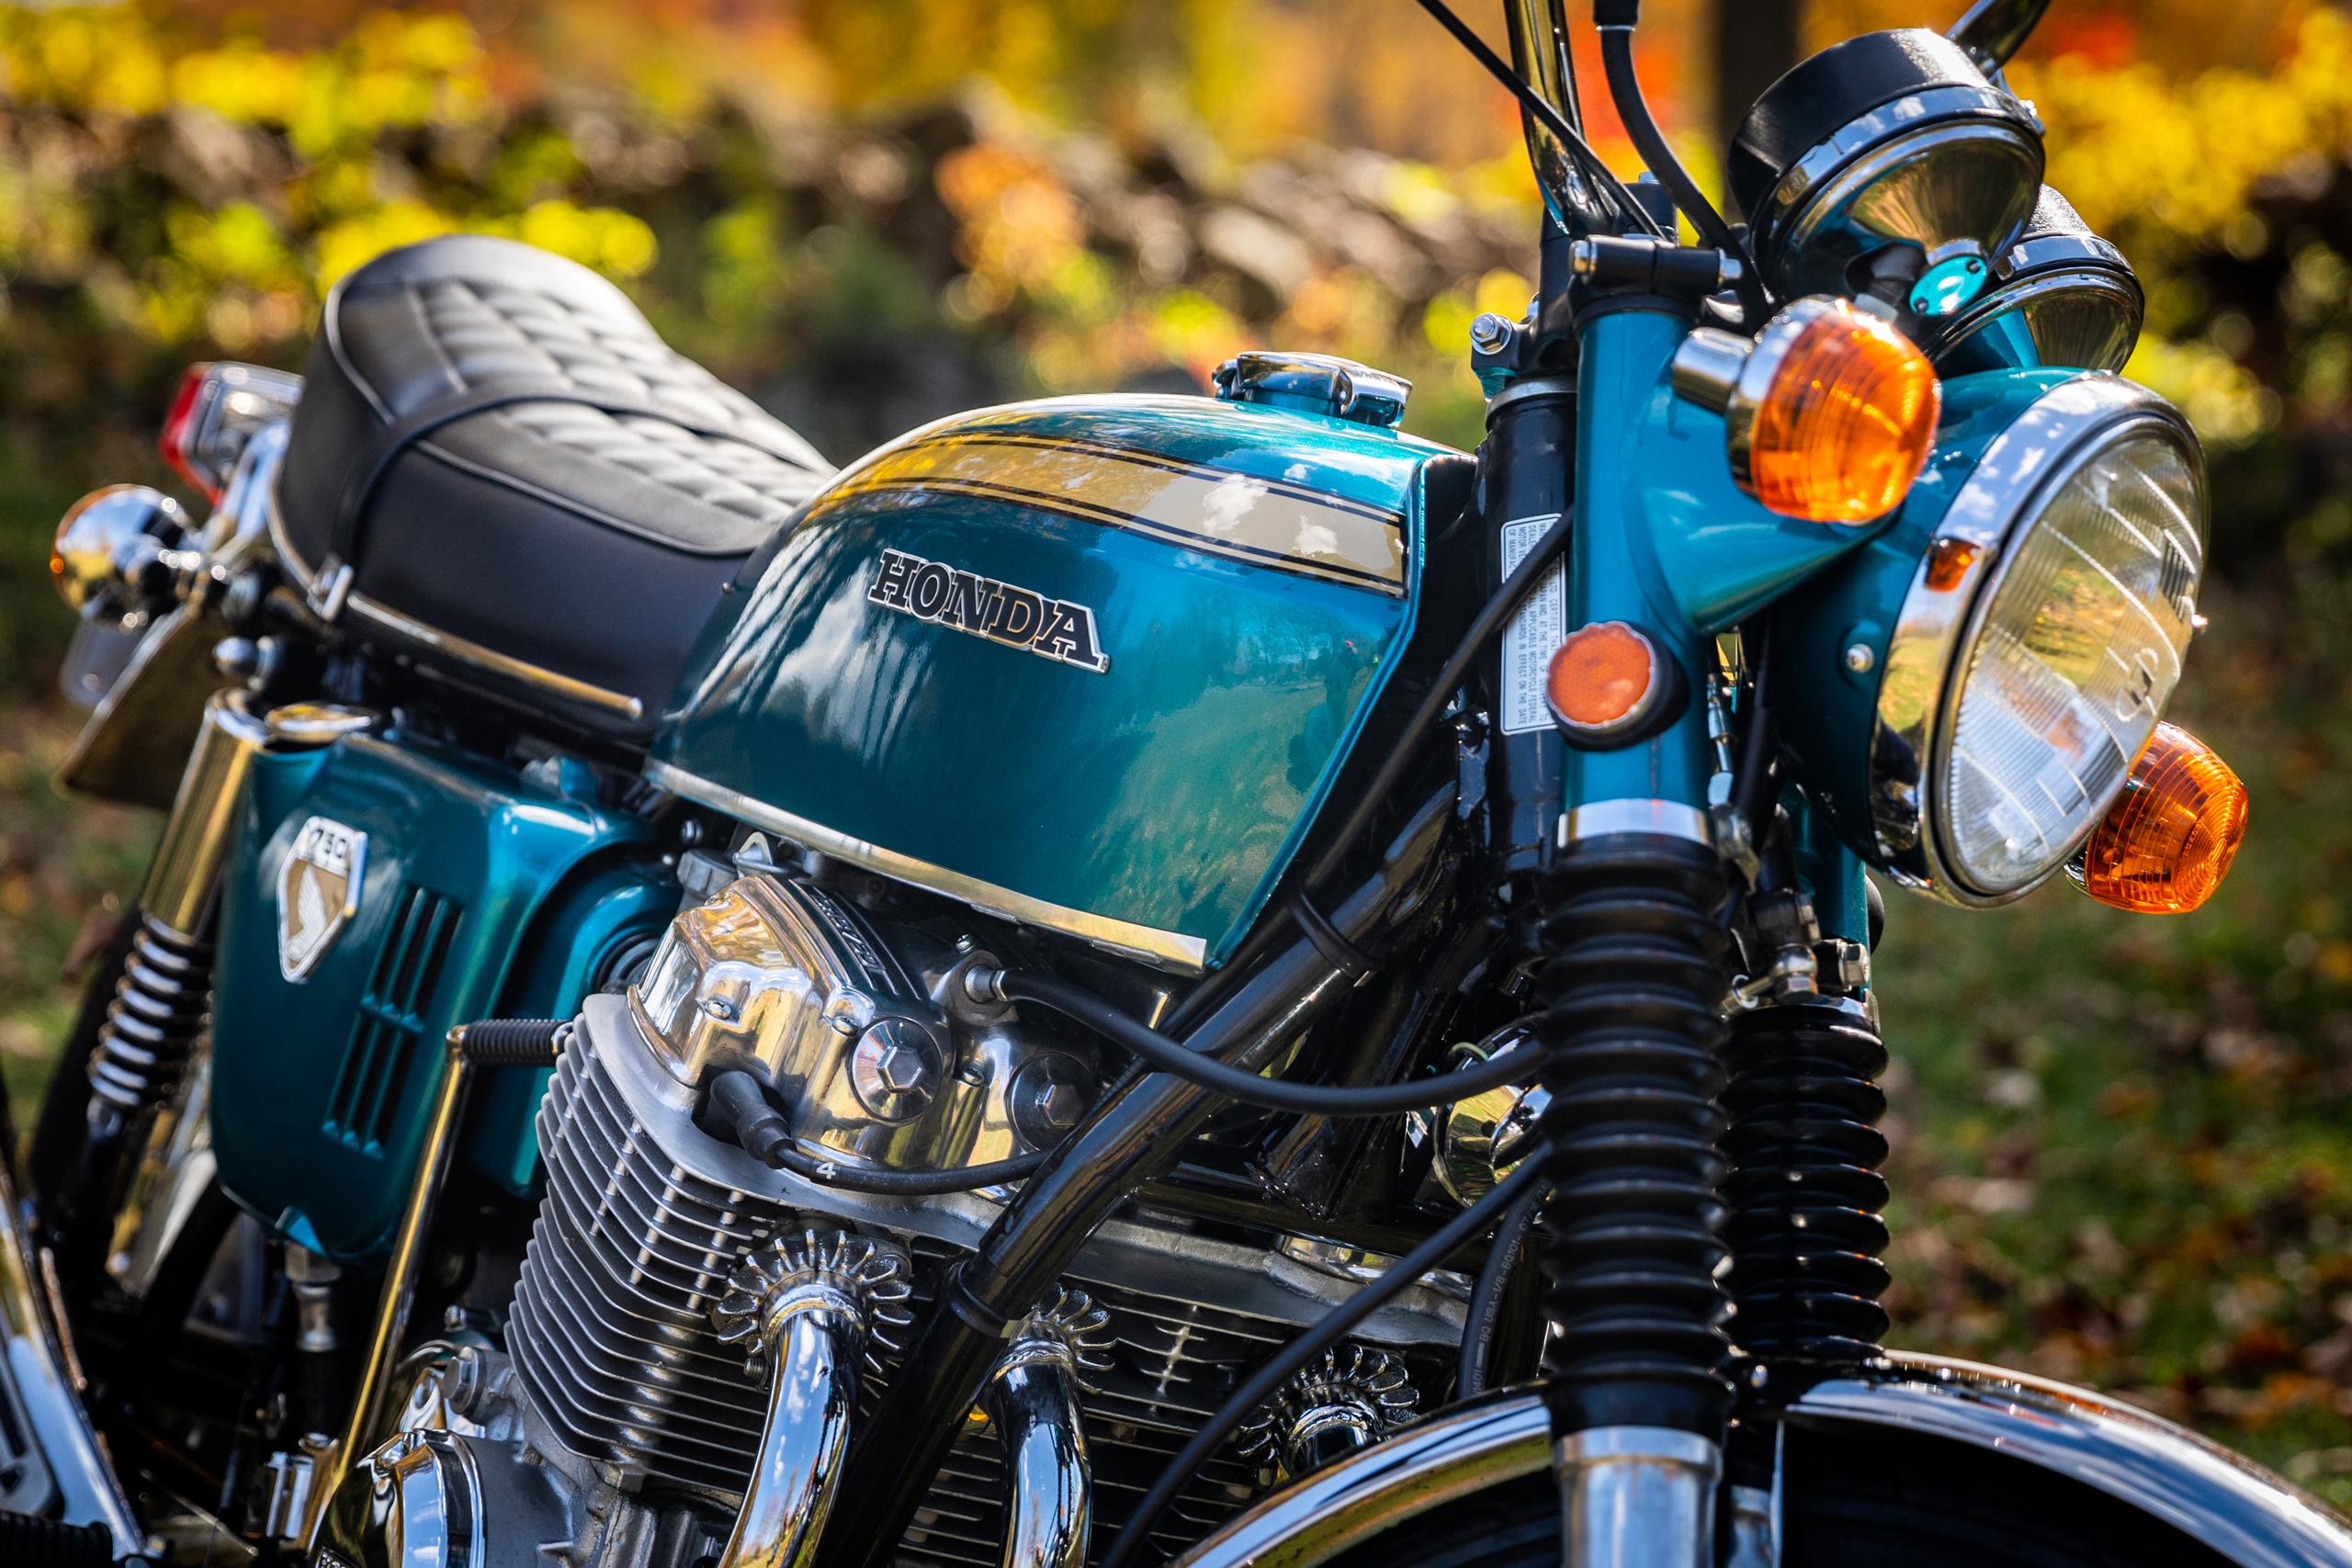 Honda CB750 front fork tank detail